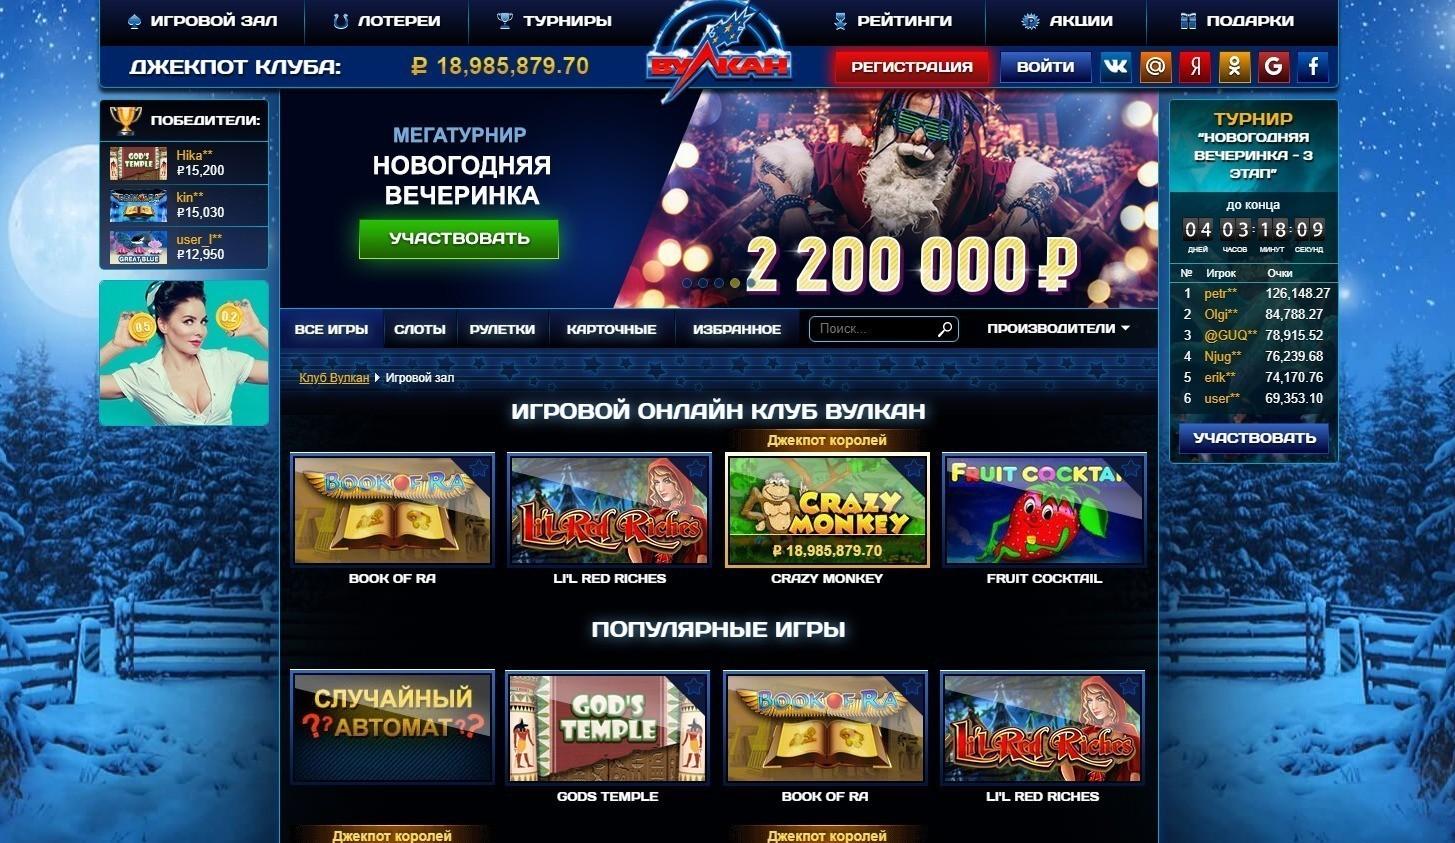 официальный сайт онлайн казино с выводом денег на карту